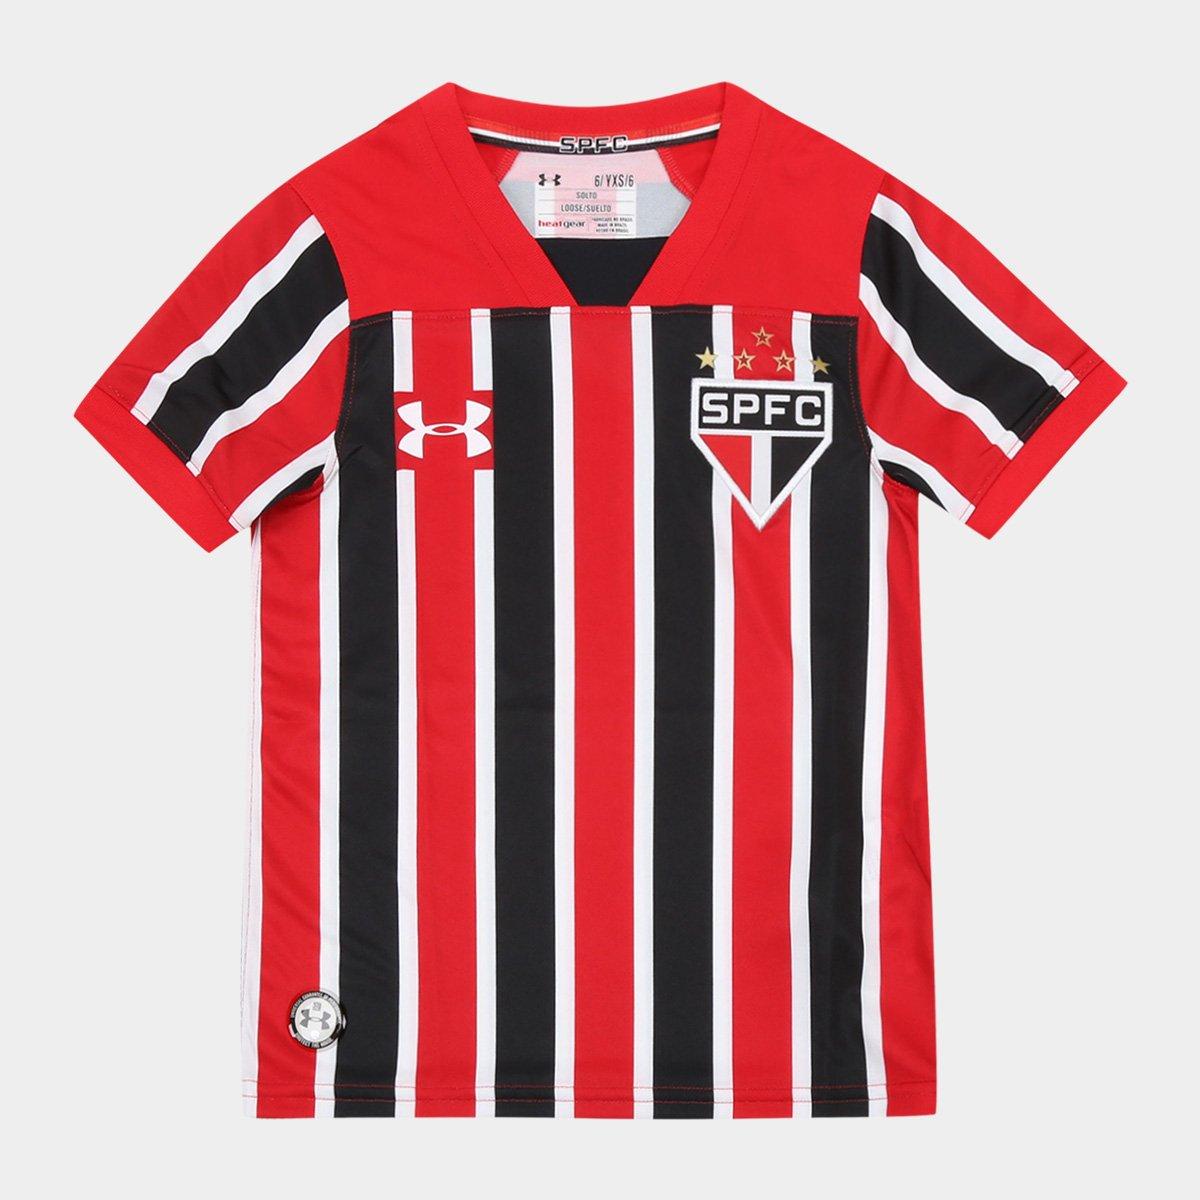 9c27a12f71c Camisa São Paulo Infantil II 17 18 s nº Torcedor Under Armour - Compre  Agora